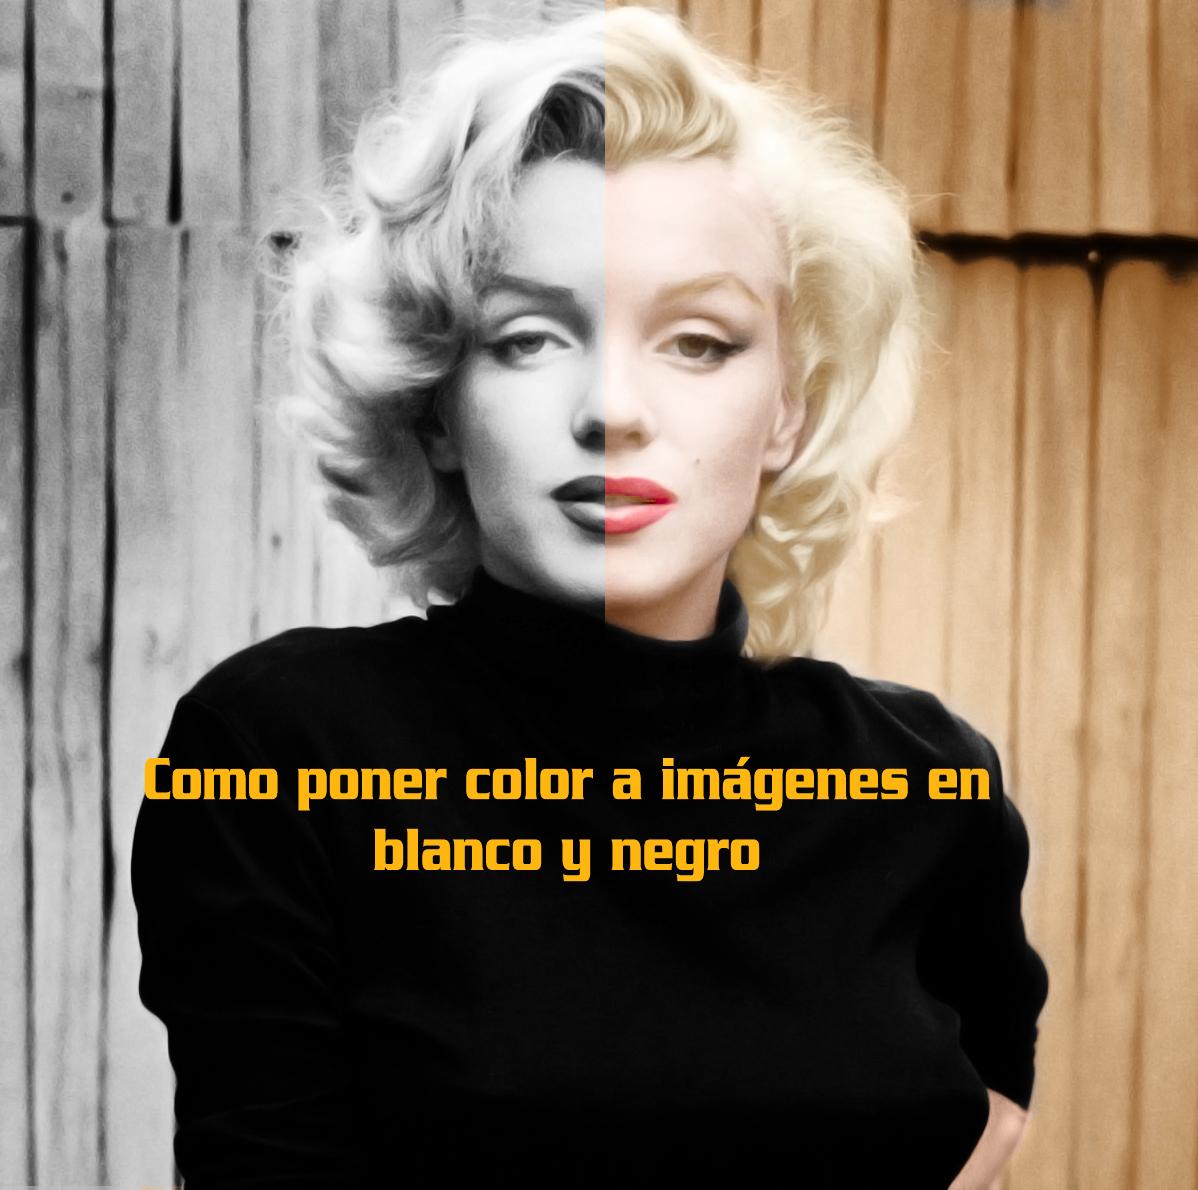 Como poner color a imágenes en blanco y negro